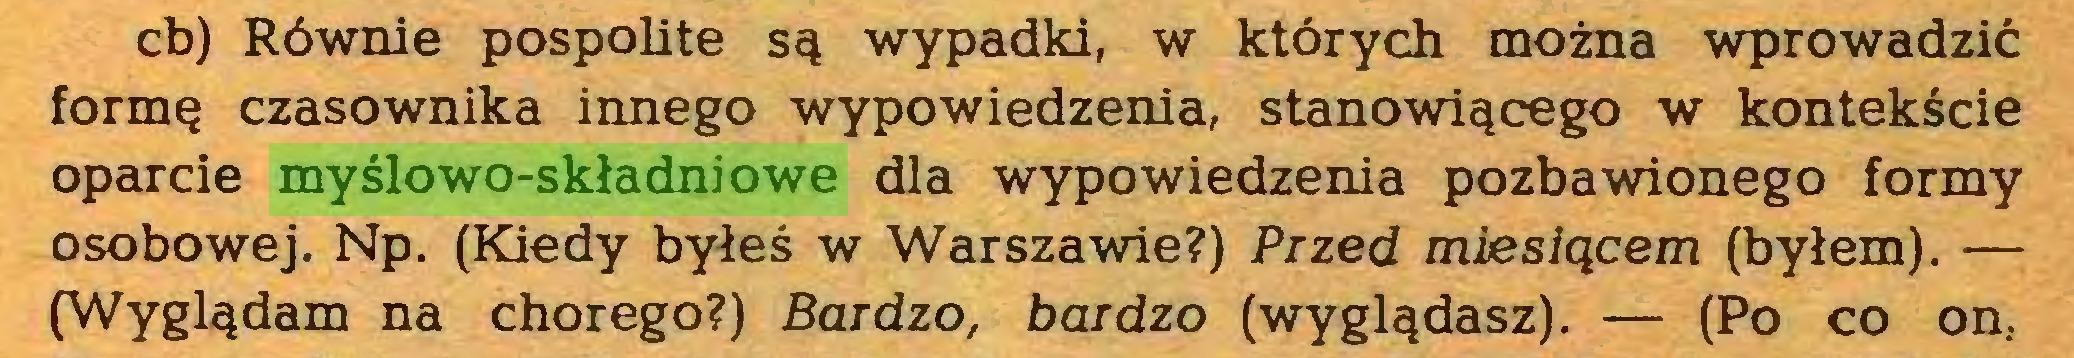 (...) cb) Równie pospolite są wypadki, w których można wprowadzić formę czasownika innego wypowiedzenia, stanowiącego w kontekście oparcie myślowo-składniowe dla wypowiedzenia pozbawionego formy osobowej. Np. (Kiedy byłeś w Warszawie?) Przed miesiącem (byłem). — (Wyglądam na chorego?) Bardzo, bardzo (wyglądasz). — (Po co on...